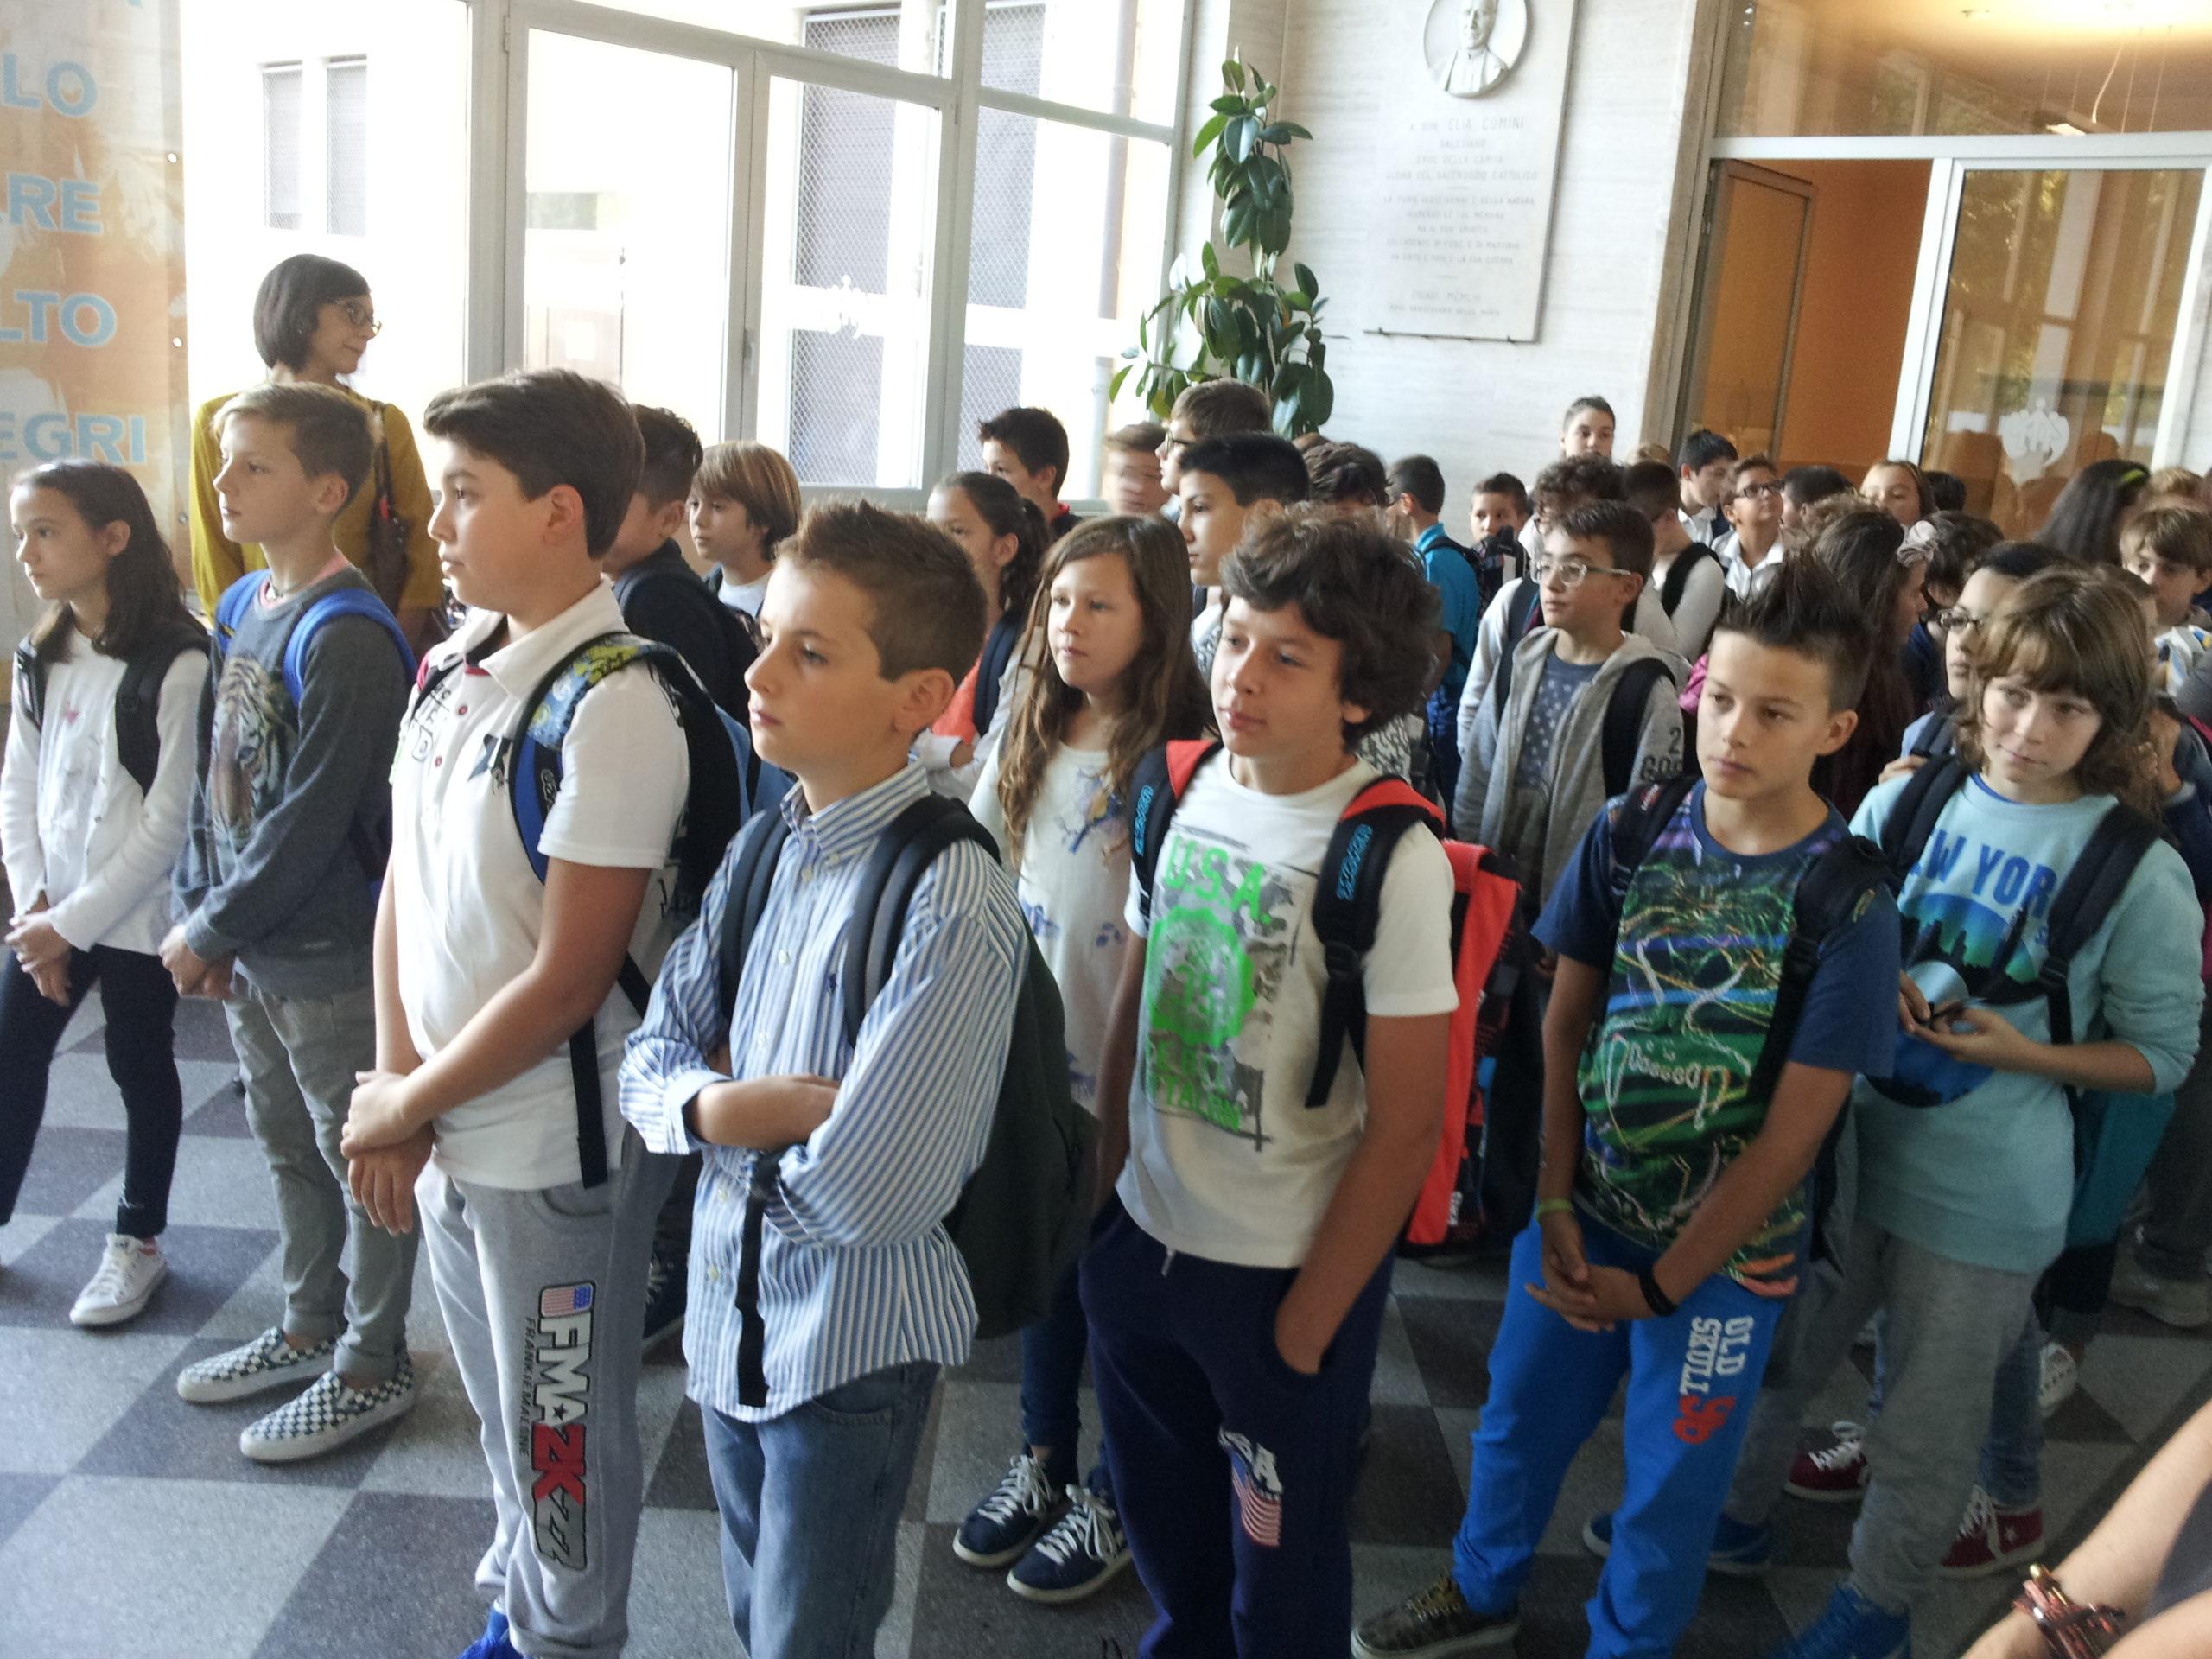 scuola secondaria di primo grado - San Bernardino - Chiari - Scuola Paritaria